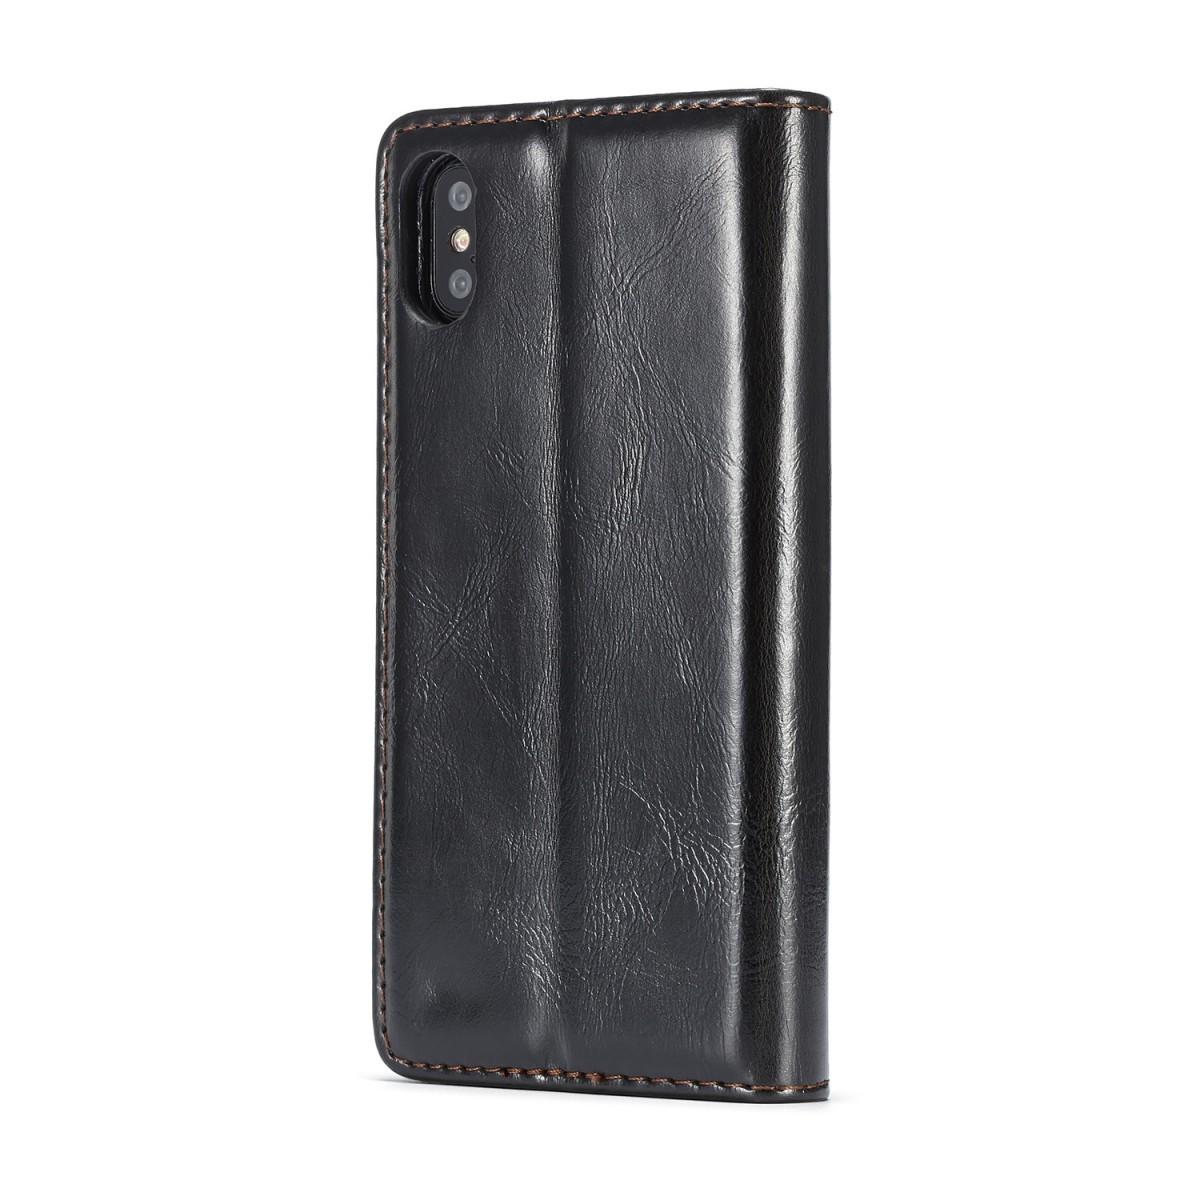 Etui iPhone X Porte-carte Noir - CaseMe